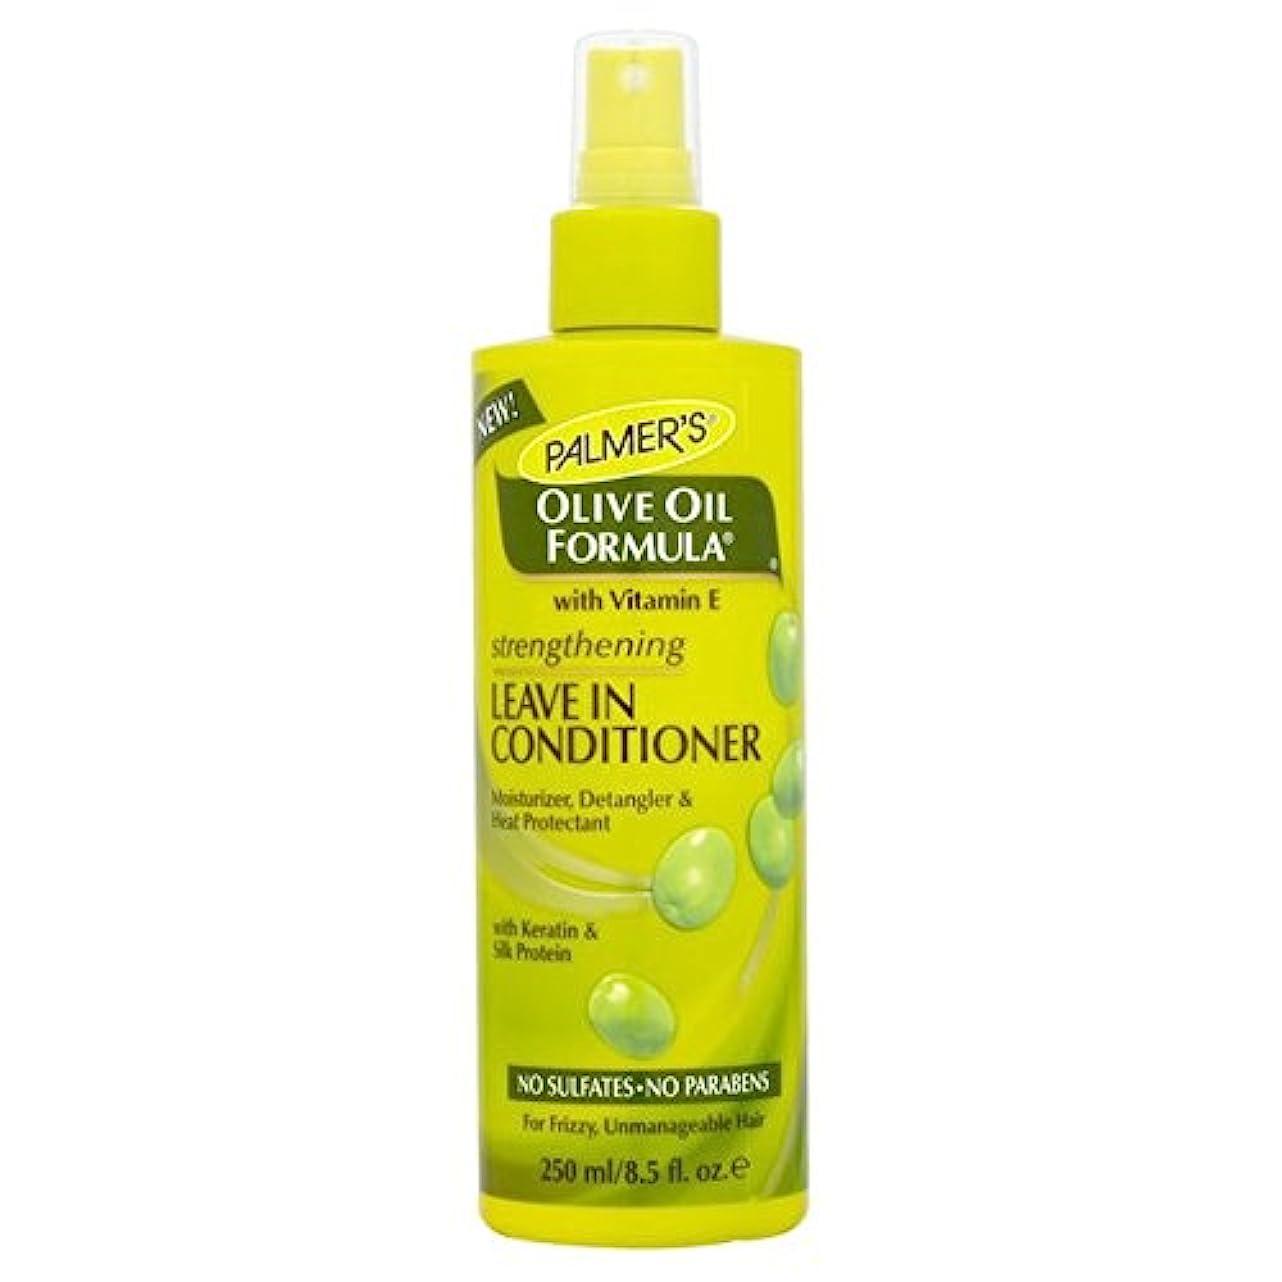 お風呂するだろう学期Palmer's Olive Oil Formula Strengthening Leave-in Conditioner 250ml - リーブインコンディショナー250を強化パーマーのオリーブオイル式 [並行輸入品]